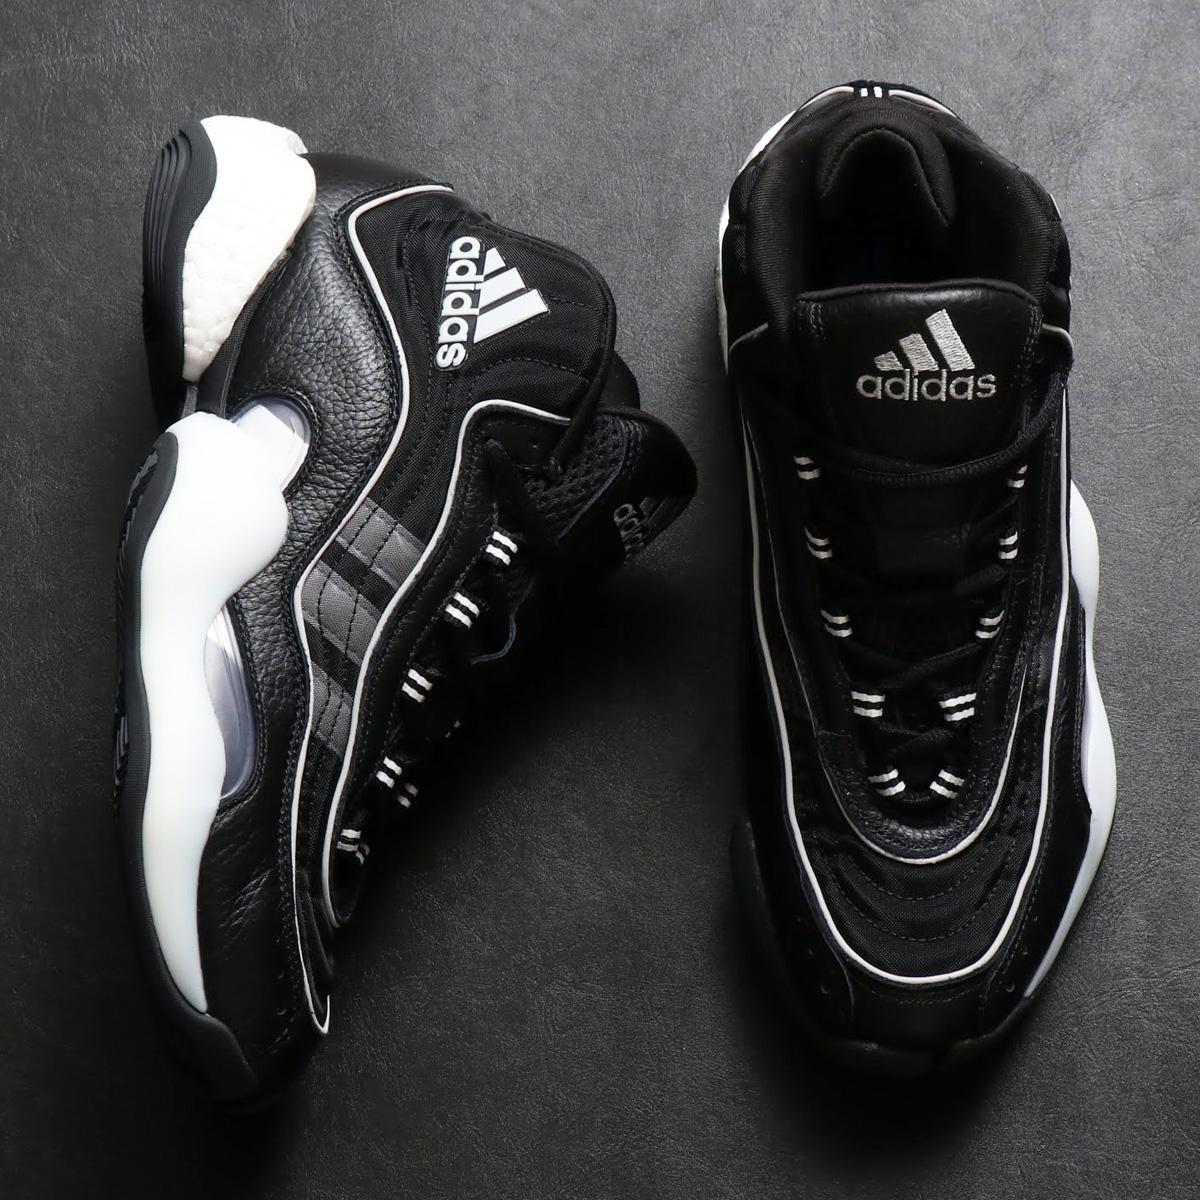 adidas 98 x CRAZY BYW (アディダス 98 × クレイジー BYW)CORE BLACK/GREY/CORE WHITE【メンズ スニーカー】18FW-I